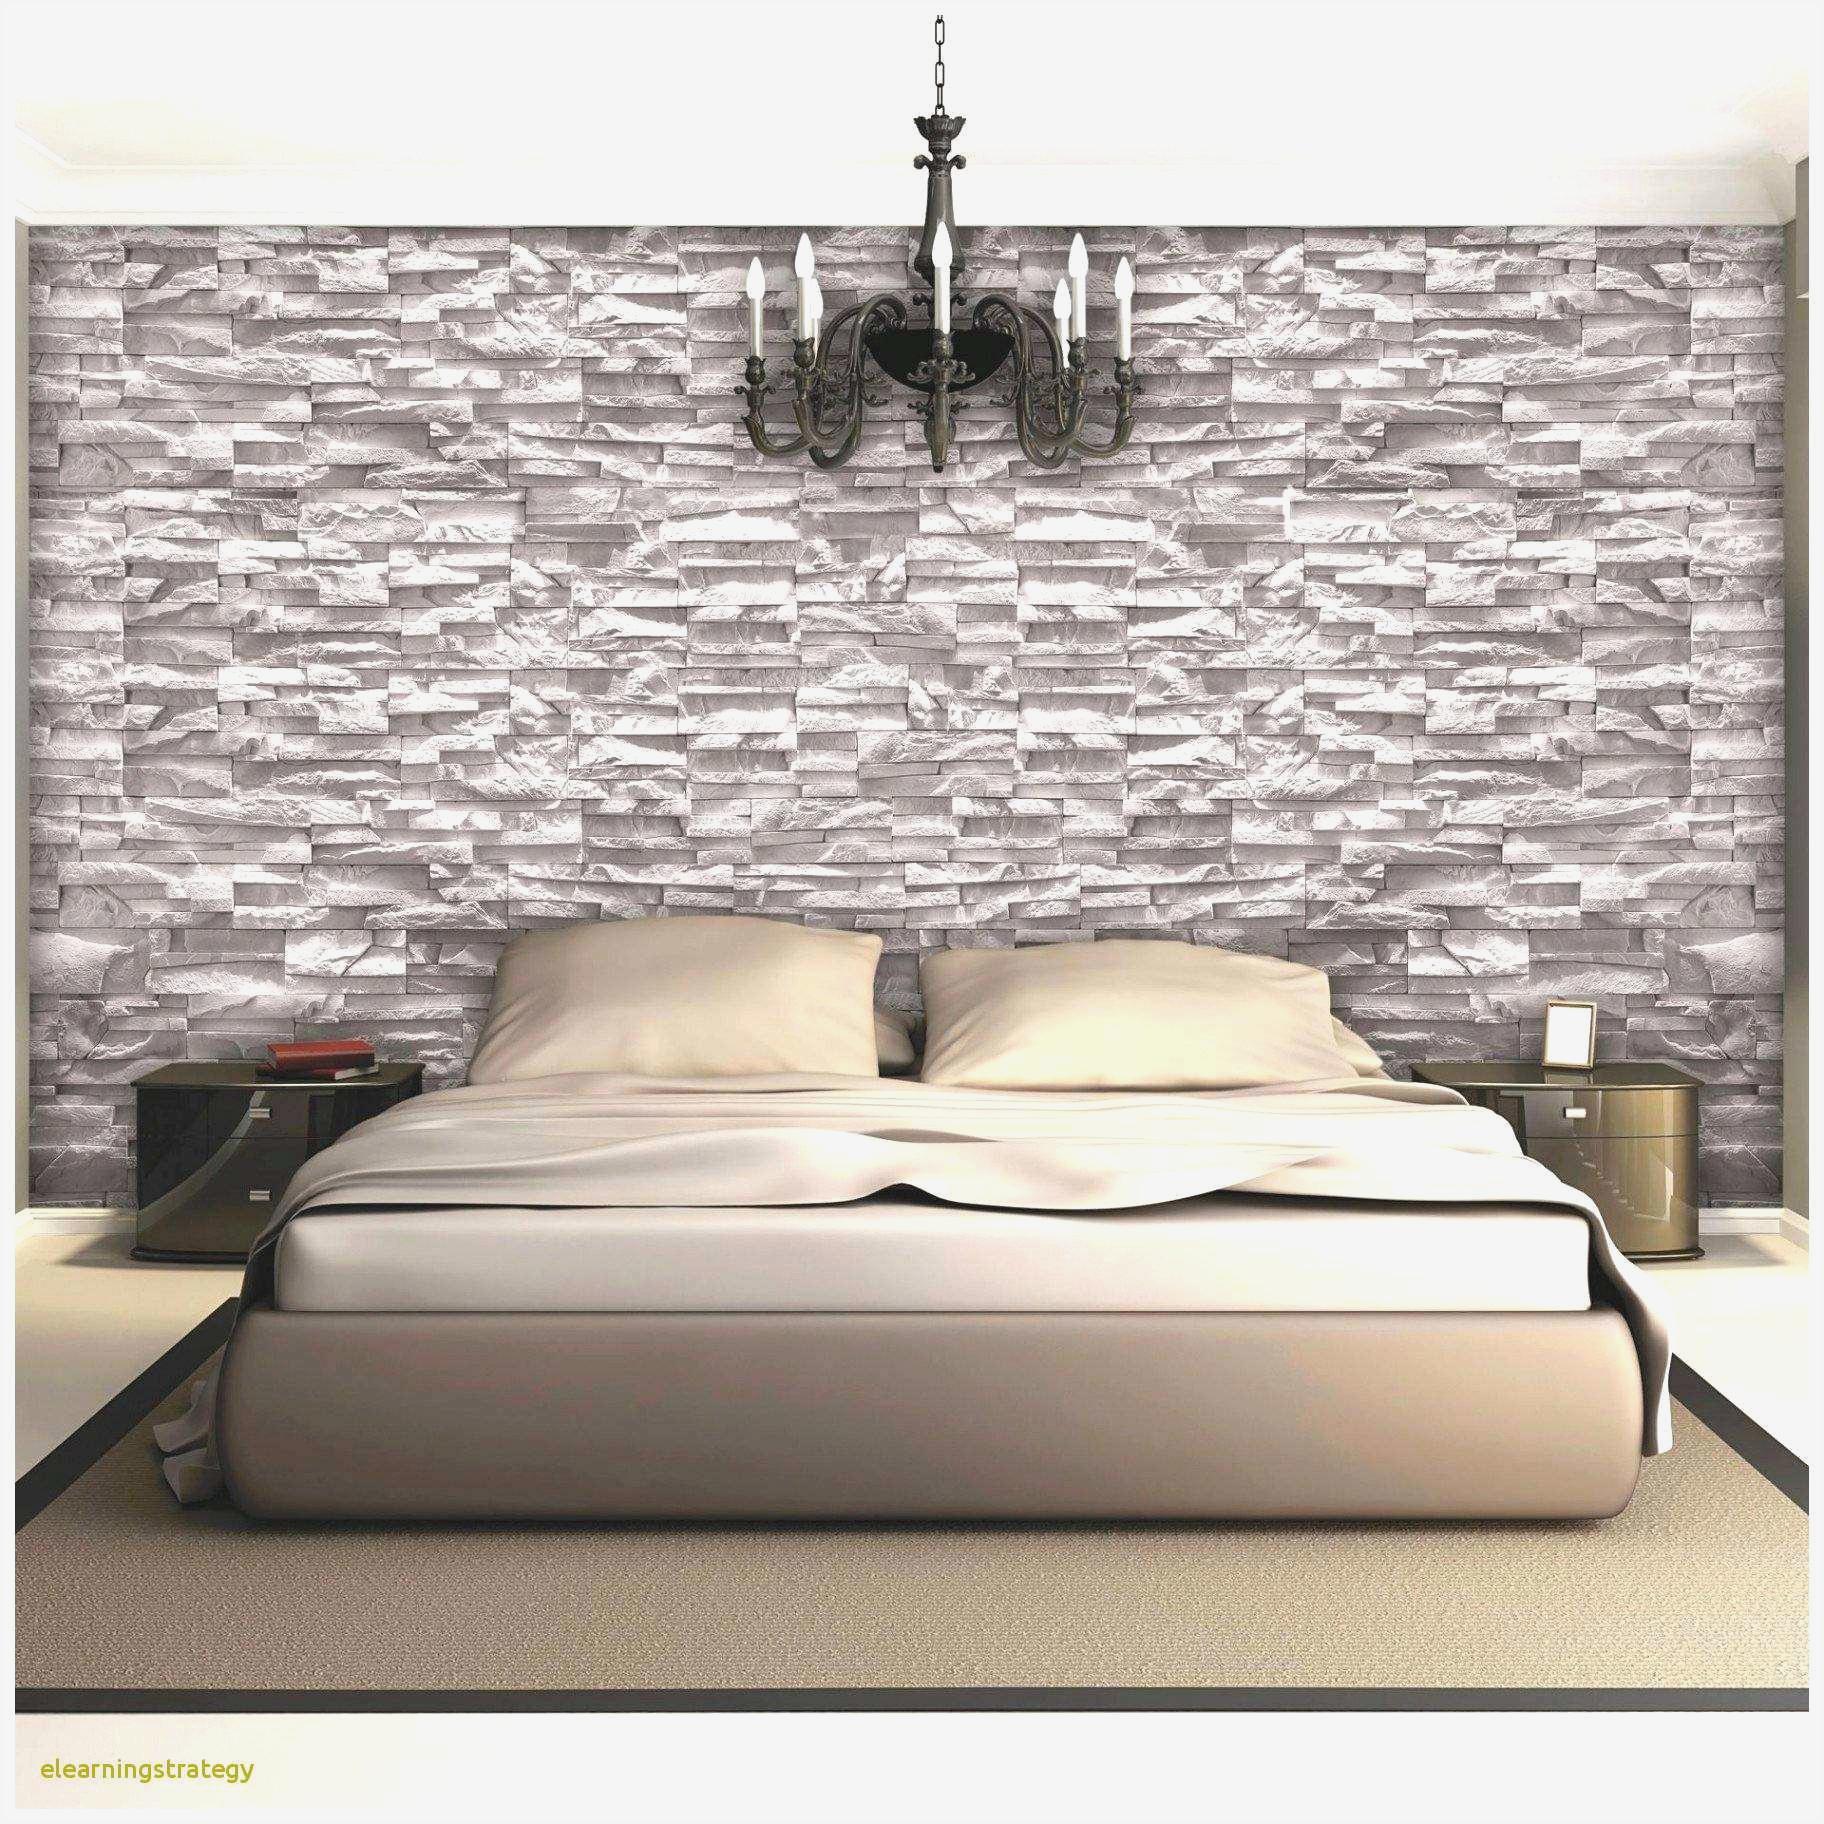 Full Size of Modern Tapeten Ideen Tapete Schlafzimmer Wohnzimmer Bad Renovieren Für Die Küche Fototapeten Wohnzimmer Tapeten Ideen